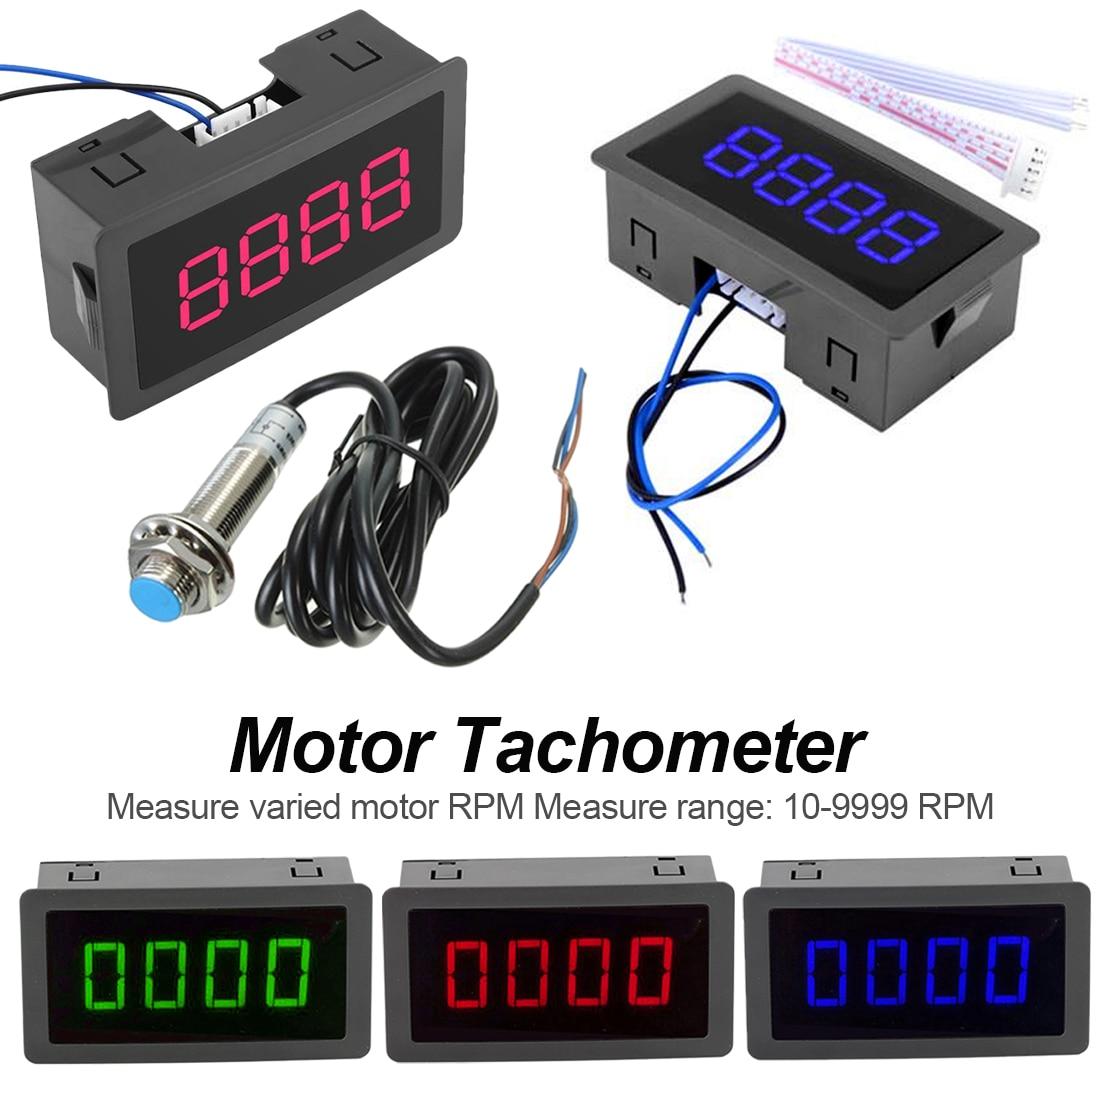 ¡Nuevo! tacómetro de 4 dígitos, medidor de velocidad RPM con interruptor LED azul y verde rojo, interruptor con sensor de proximidad, calibre de 10-9999 RPM